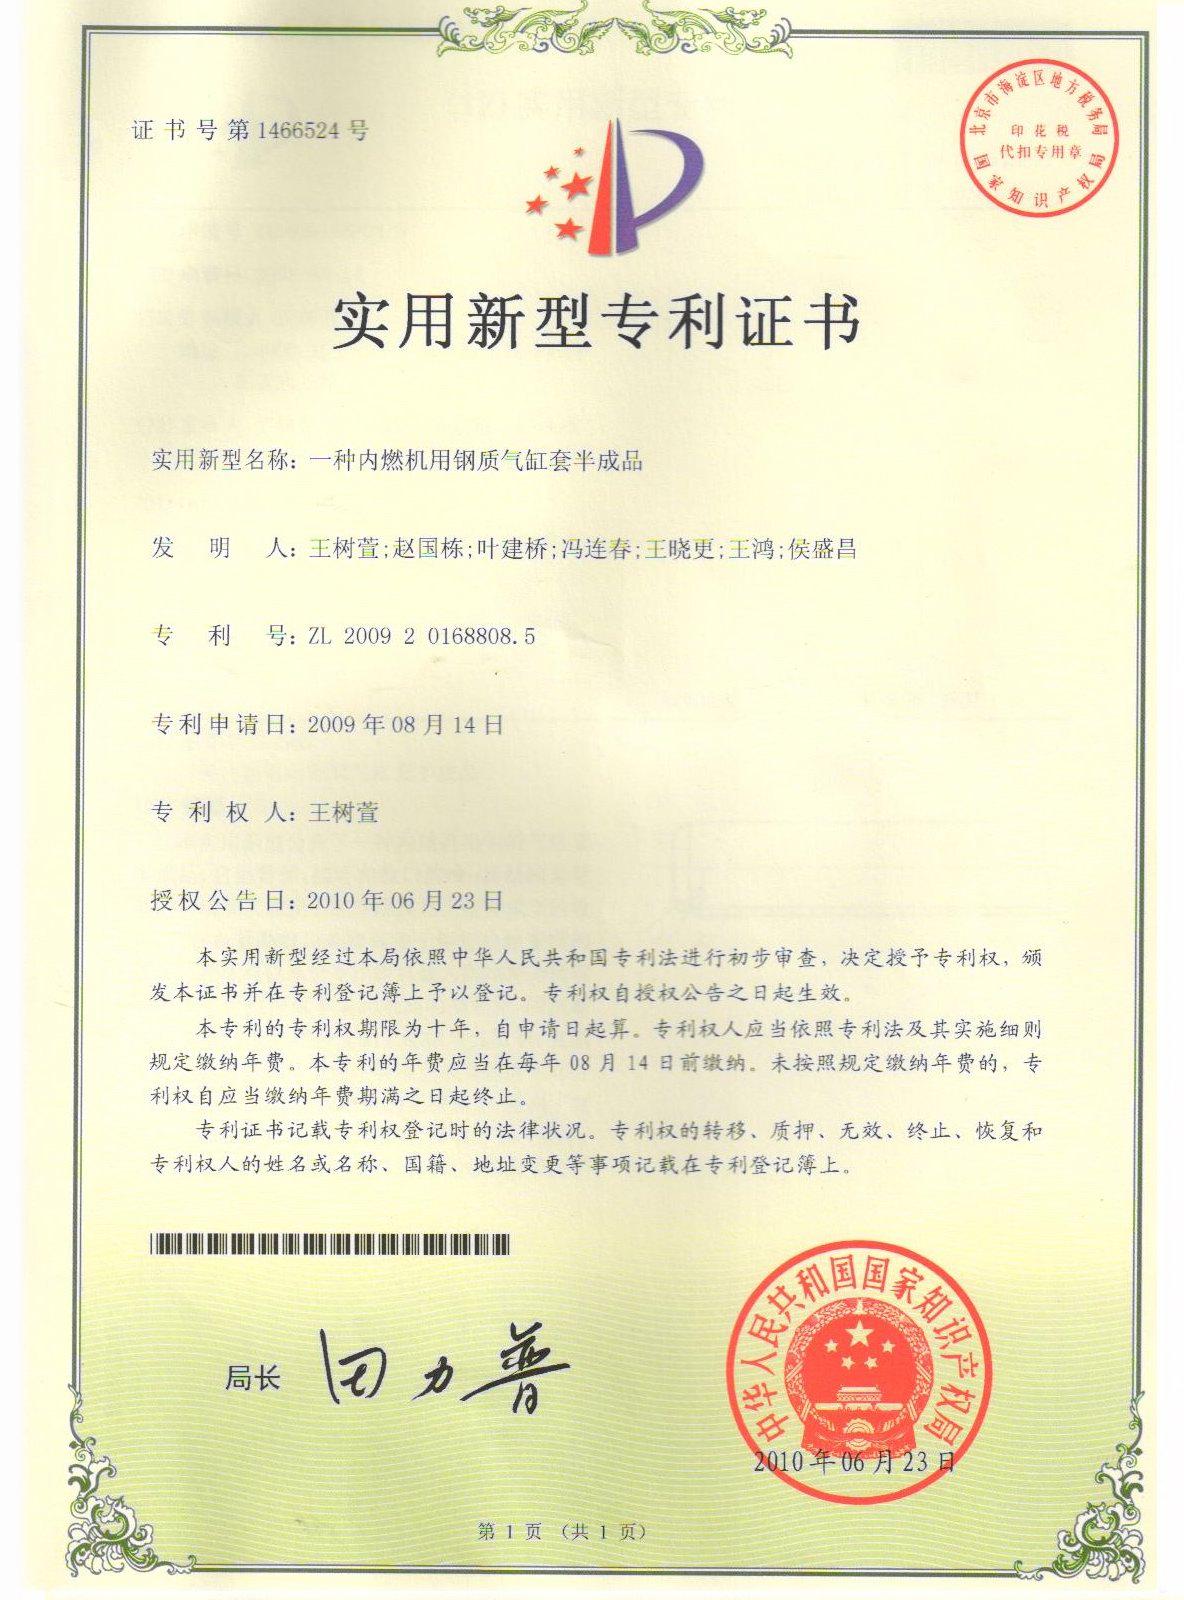 shiyongxinxingzhuanlizhengshu